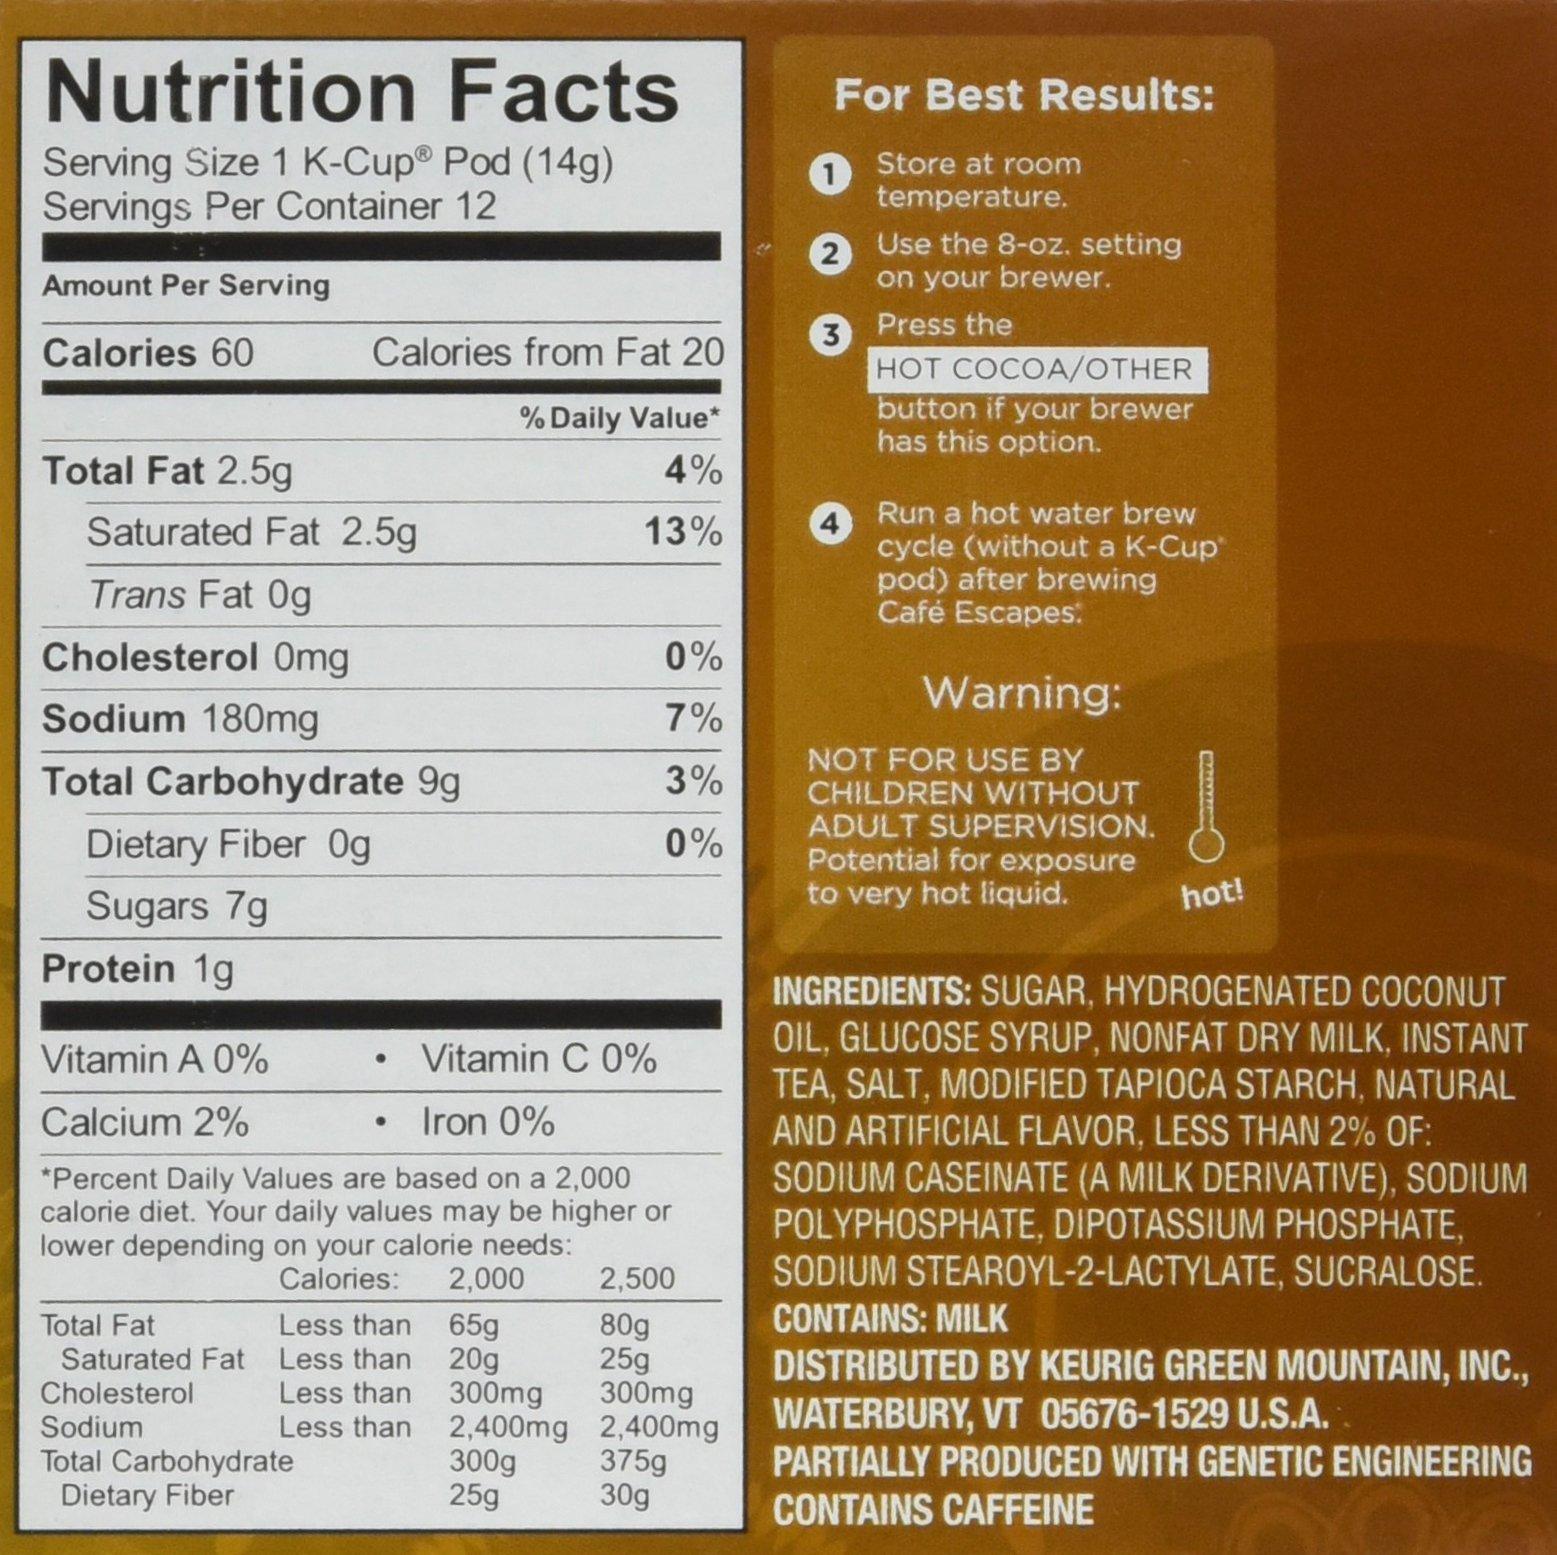 Keurig Chai Tea Latte Nutrition Facts